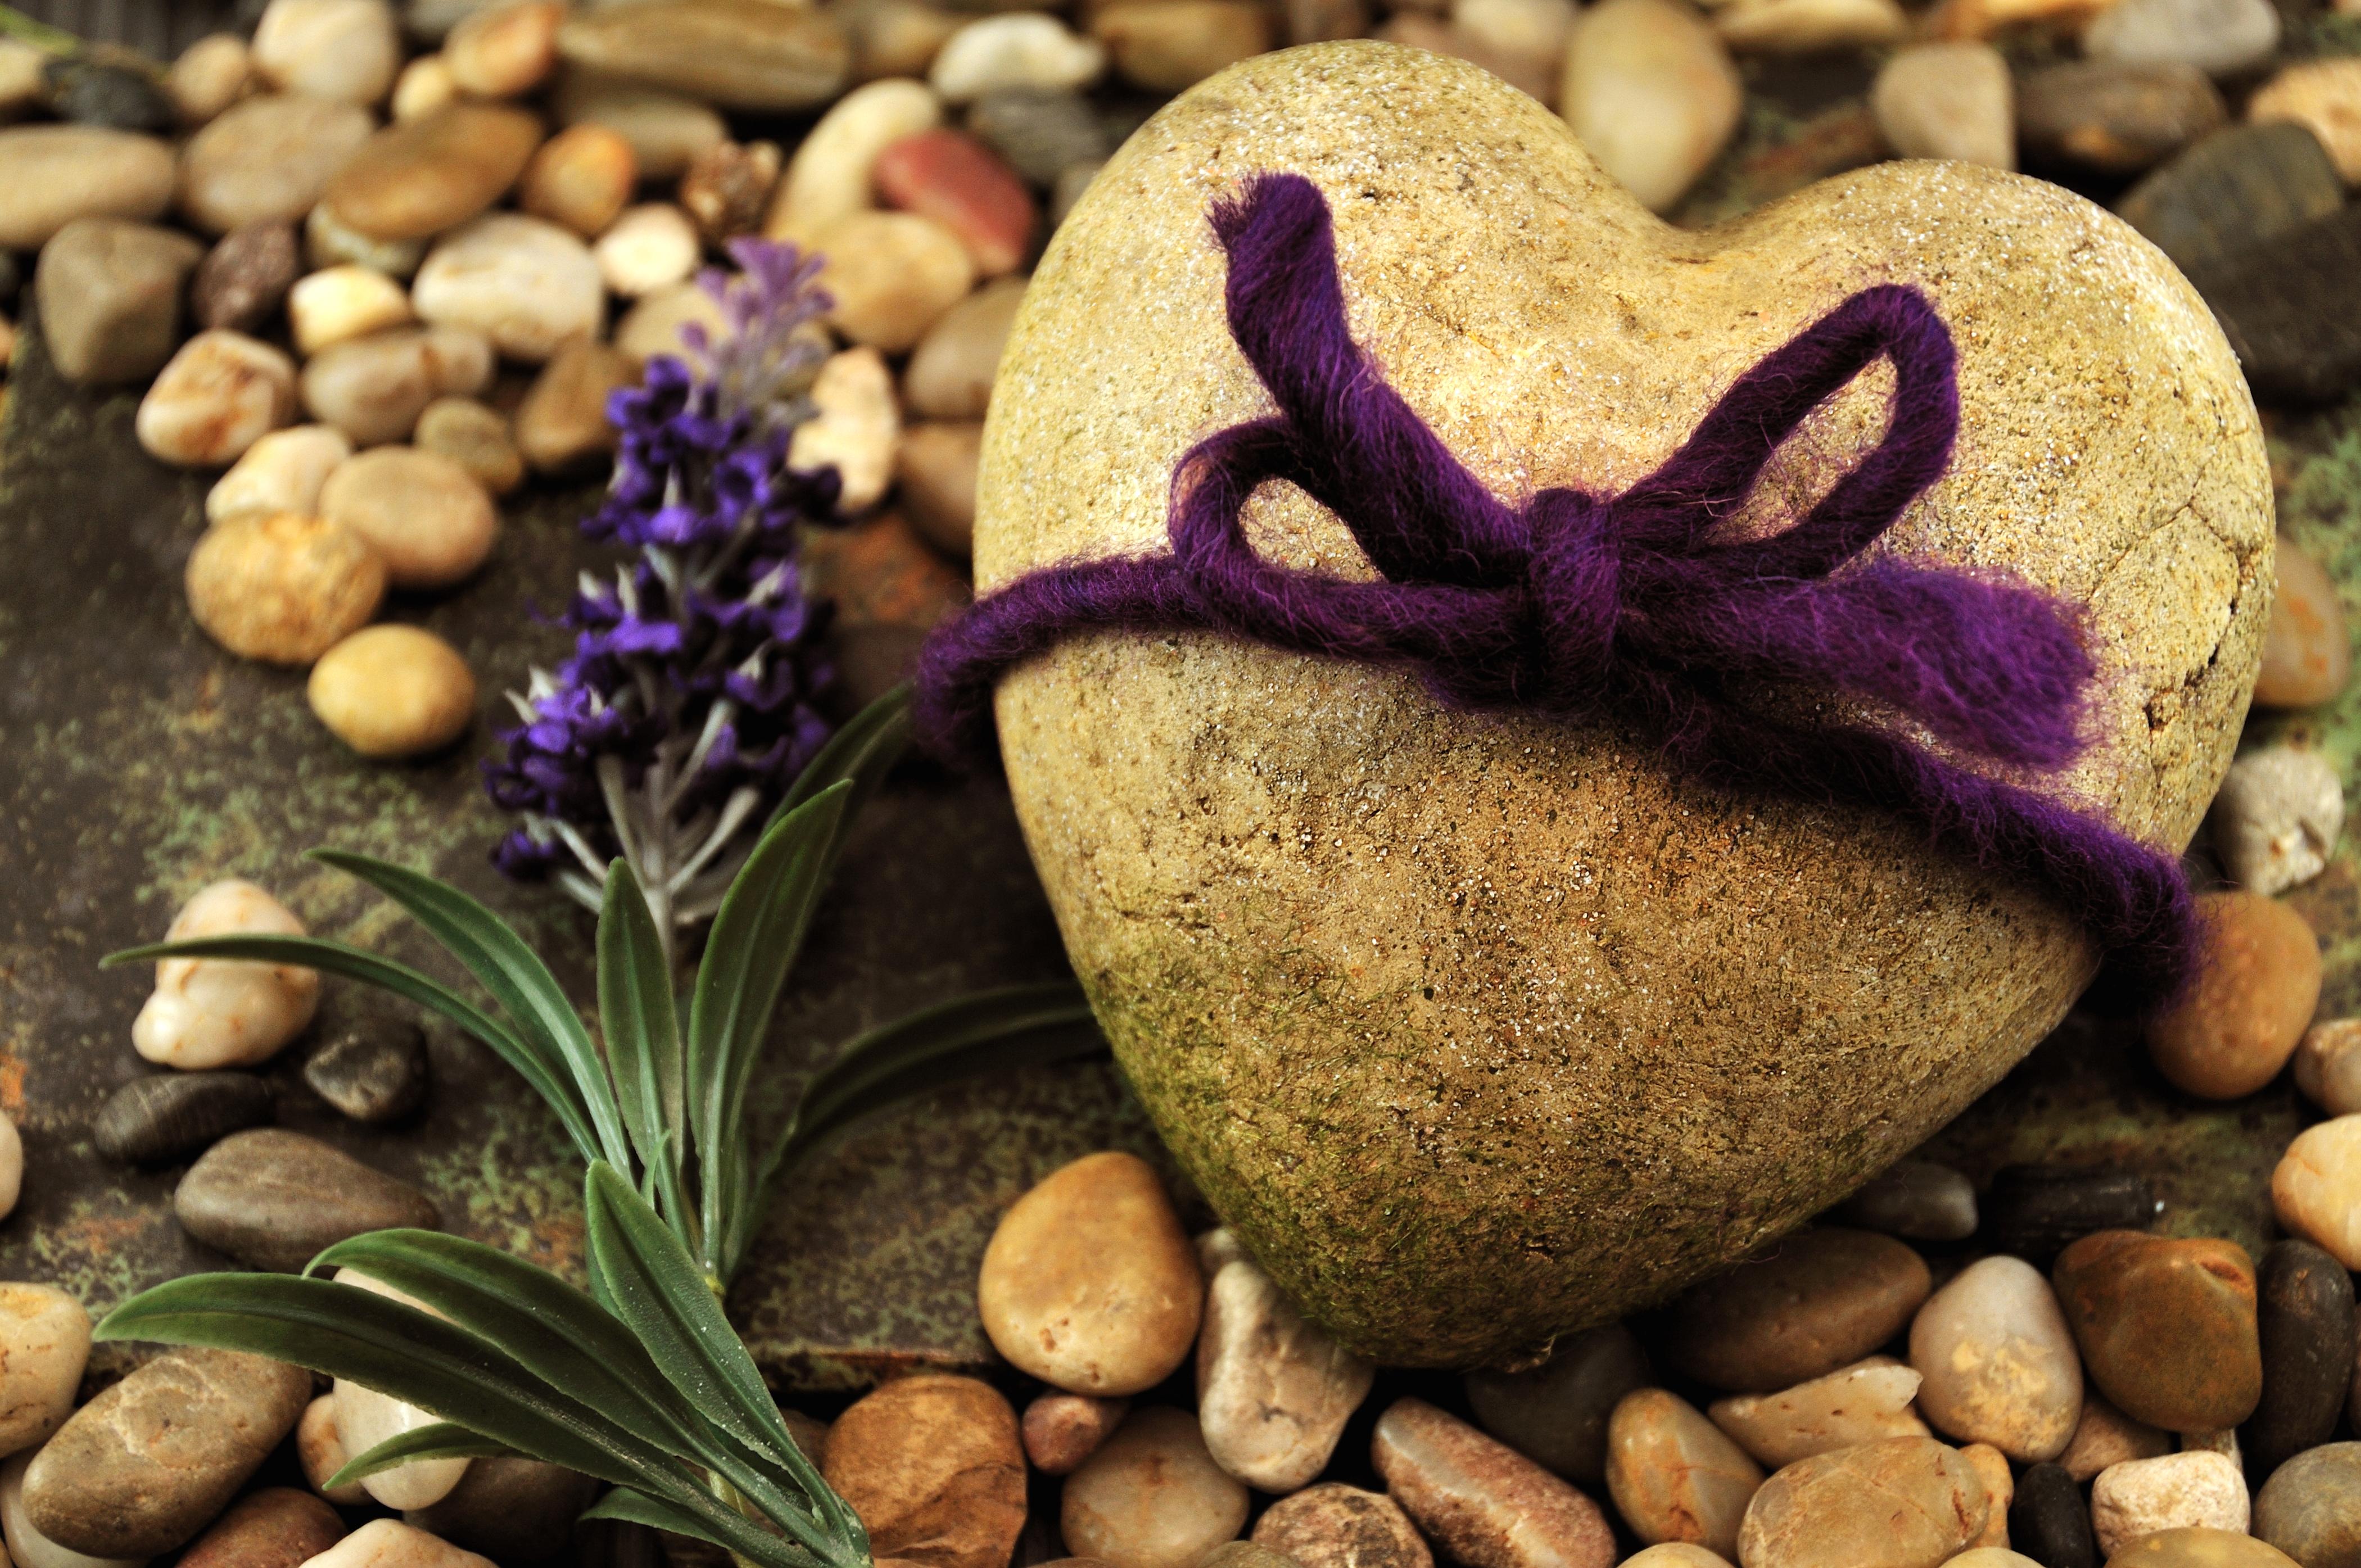 любовь камни надпись  № 3452593 загрузить